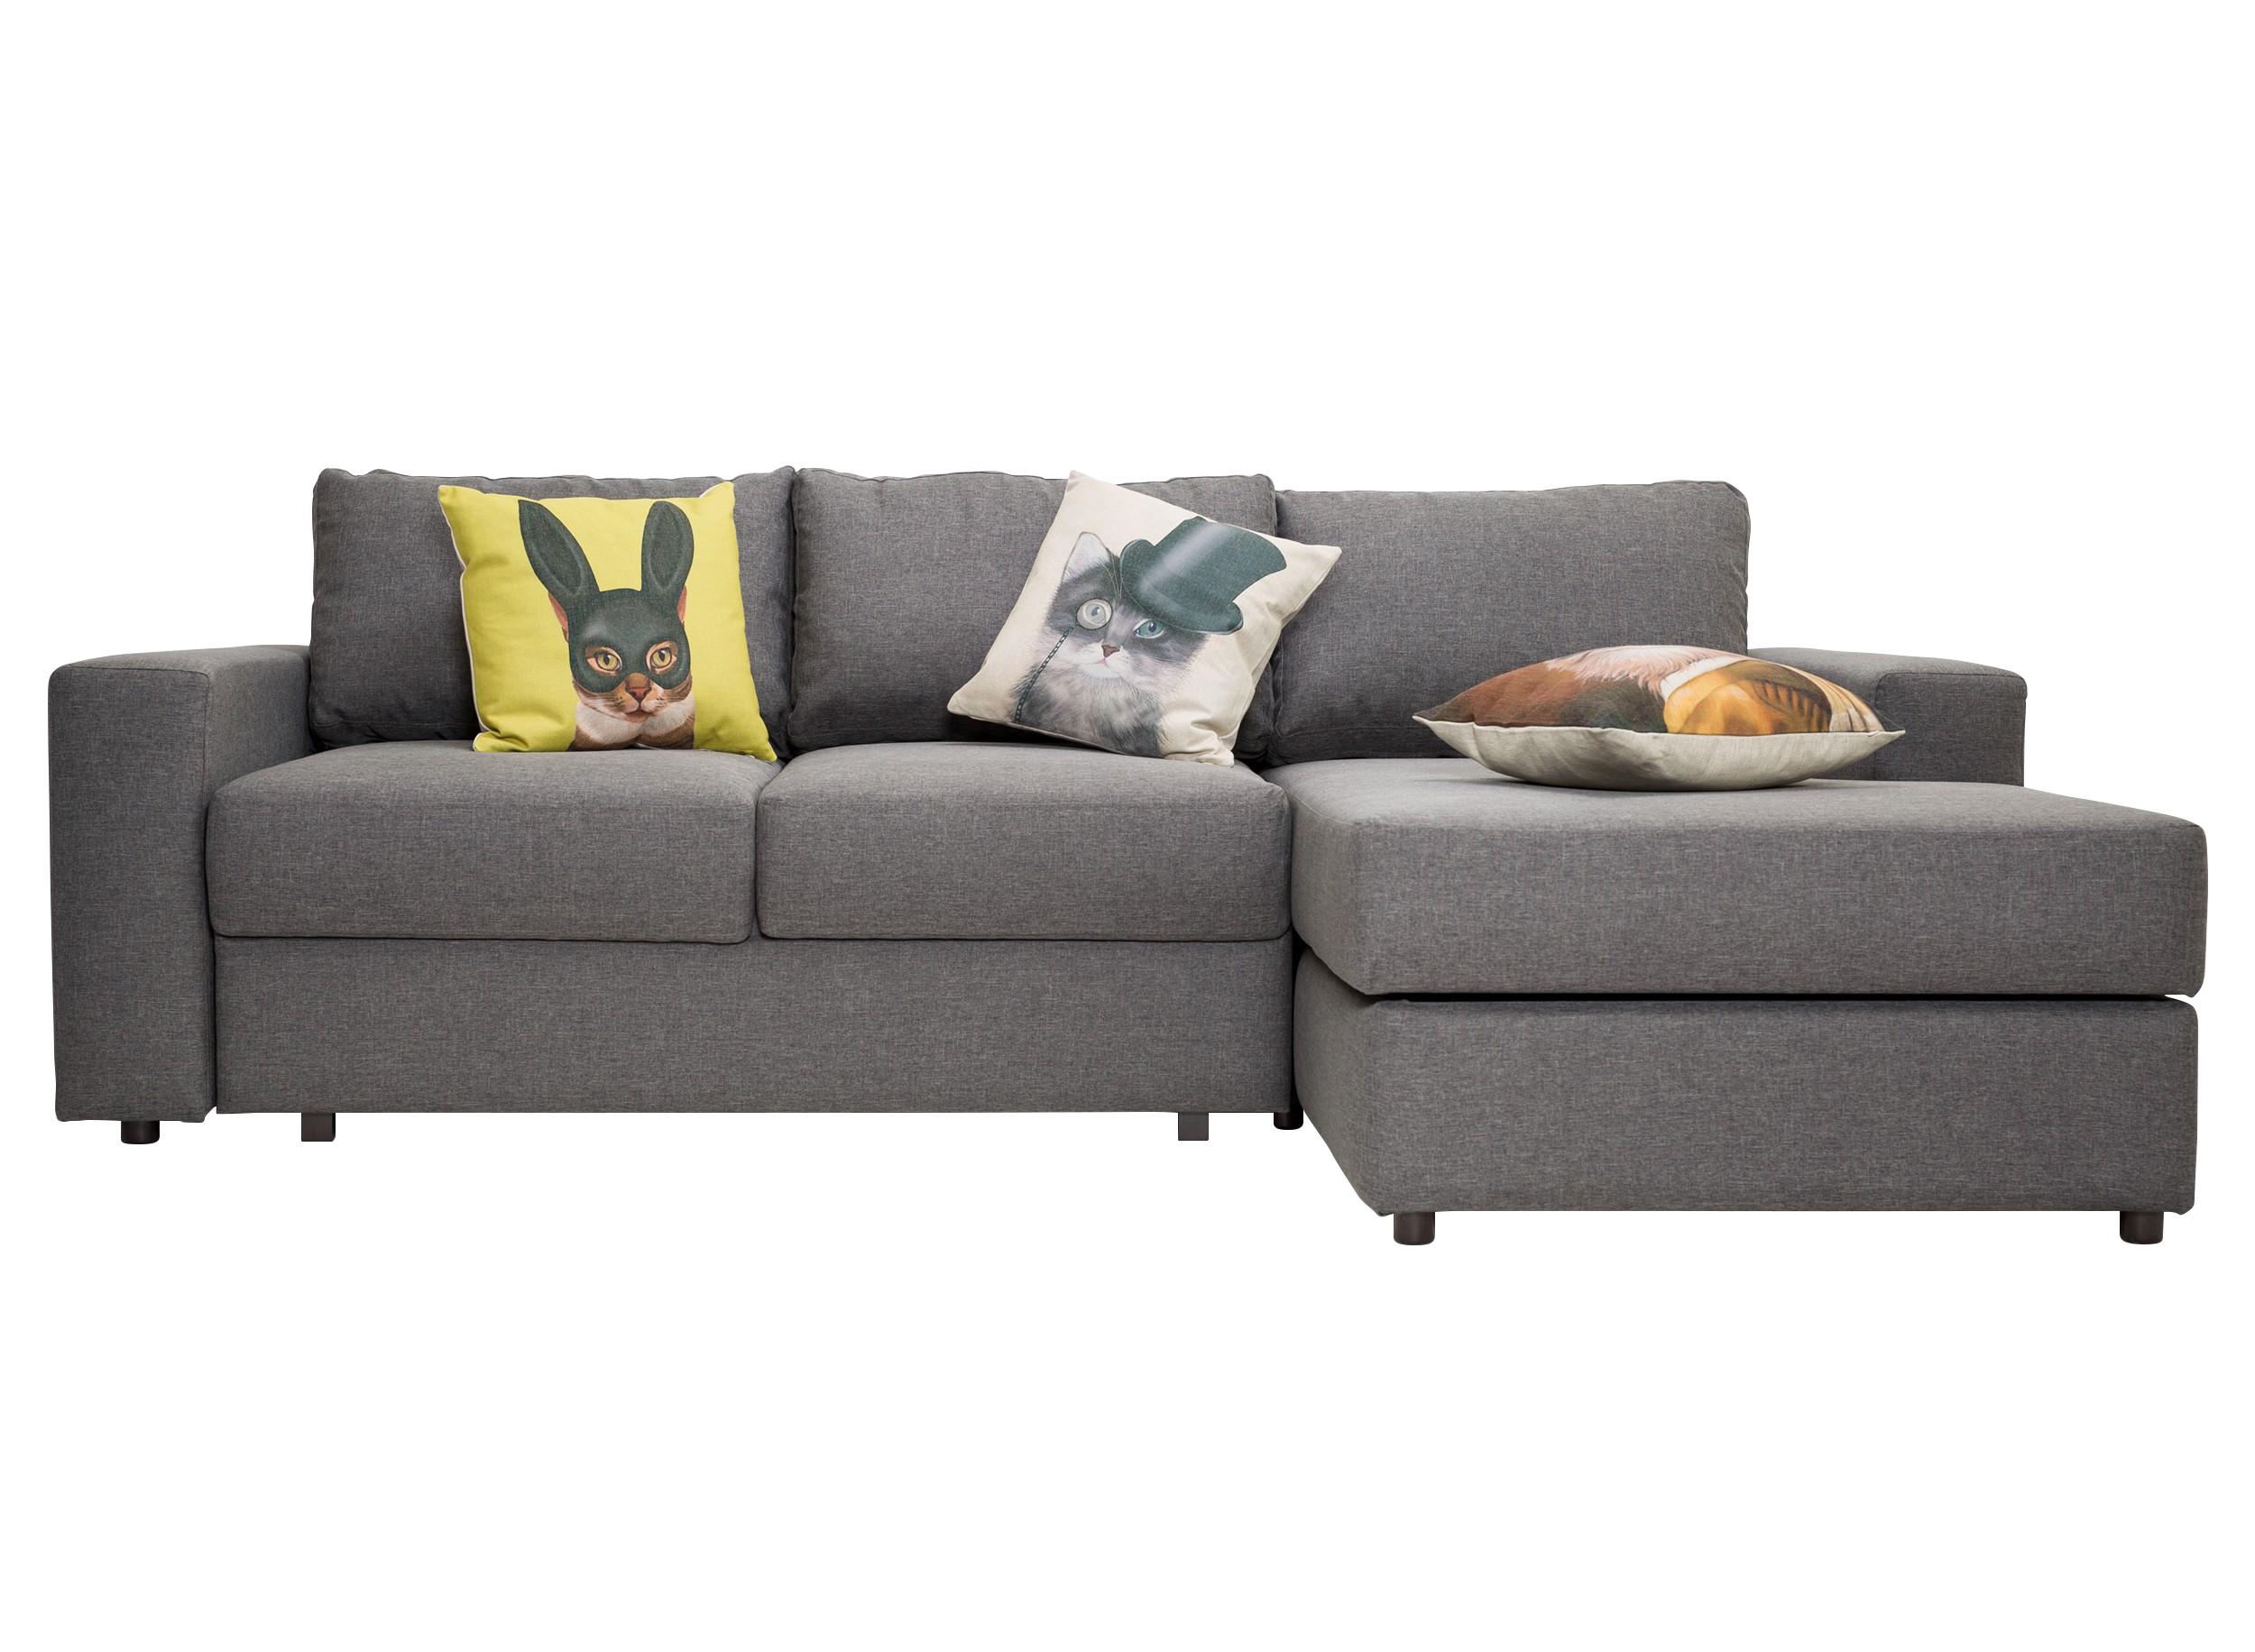 Угловой раскладной диван Luma GreyУгловые раскладные диваны<br>&amp;lt;div&amp;gt;Лаконичный диван для современных интерьеров. Исполнен вроде бы традиционно, но с модерновыми нотками. Тут и нестандартная текстура&amp;amp;nbsp;ткани, и объемные формы, из которых особо выделяются подушки. И еще — довольно&amp;amp;nbsp;приземистая посадка. Диван довольно крупный, поэтому лучше всего использовать&amp;amp;nbsp;его, если у вас есть достаточно свободного пространства. Он задаст настроение&amp;amp;nbsp;всей комнате.&amp;lt;p&amp;gt;&amp;lt;/p&amp;gt;&amp;lt;div&amp;gt;&amp;lt;span style=&amp;quot;font-weight: 700;&amp;quot;&amp;gt;Раскладной механизм&amp;lt;/span&amp;gt;: Пума, имеется ящик для белья;&amp;lt;/div&amp;gt;&amp;lt;div&amp;gt;&amp;lt;span style=&amp;quot;font-weight: 700;&amp;quot;&amp;gt;Размер спального места&amp;lt;/span&amp;gt;: 150x205;&amp;lt;/div&amp;gt;&amp;lt;div&amp;gt;&amp;lt;span style=&amp;quot;font-weight: 700;&amp;quot;&amp;gt;Каркас&amp;lt;/span&amp;gt;: фанера, массив;&amp;lt;/div&amp;gt;&amp;lt;div&amp;gt;&amp;lt;span style=&amp;quot;font-weight: 700;&amp;quot;&amp;gt;Наполнение&amp;lt;/span&amp;gt;: высокоэластичный ППУ;&amp;lt;/div&amp;gt;&amp;lt;div&amp;gt;&amp;lt;span style=&amp;quot;font-weight: 700;&amp;quot;&amp;gt;Обивка:&amp;lt;/span&amp;gt;&amp;amp;nbsp;мебельная ткань, устойчивая к стиранию;&amp;lt;/div&amp;gt;&amp;lt;div&amp;gt;&amp;lt;span style=&amp;quot;font-weight: 700;&amp;quot;&amp;gt;Опоры&amp;lt;/span&amp;gt;: массив дерева;&amp;lt;/div&amp;gt;&amp;lt;/div&amp;gt;<br><br>Material: Текстиль<br>Ширина см: 250<br>Высота см: 79<br>Глубина см: 158